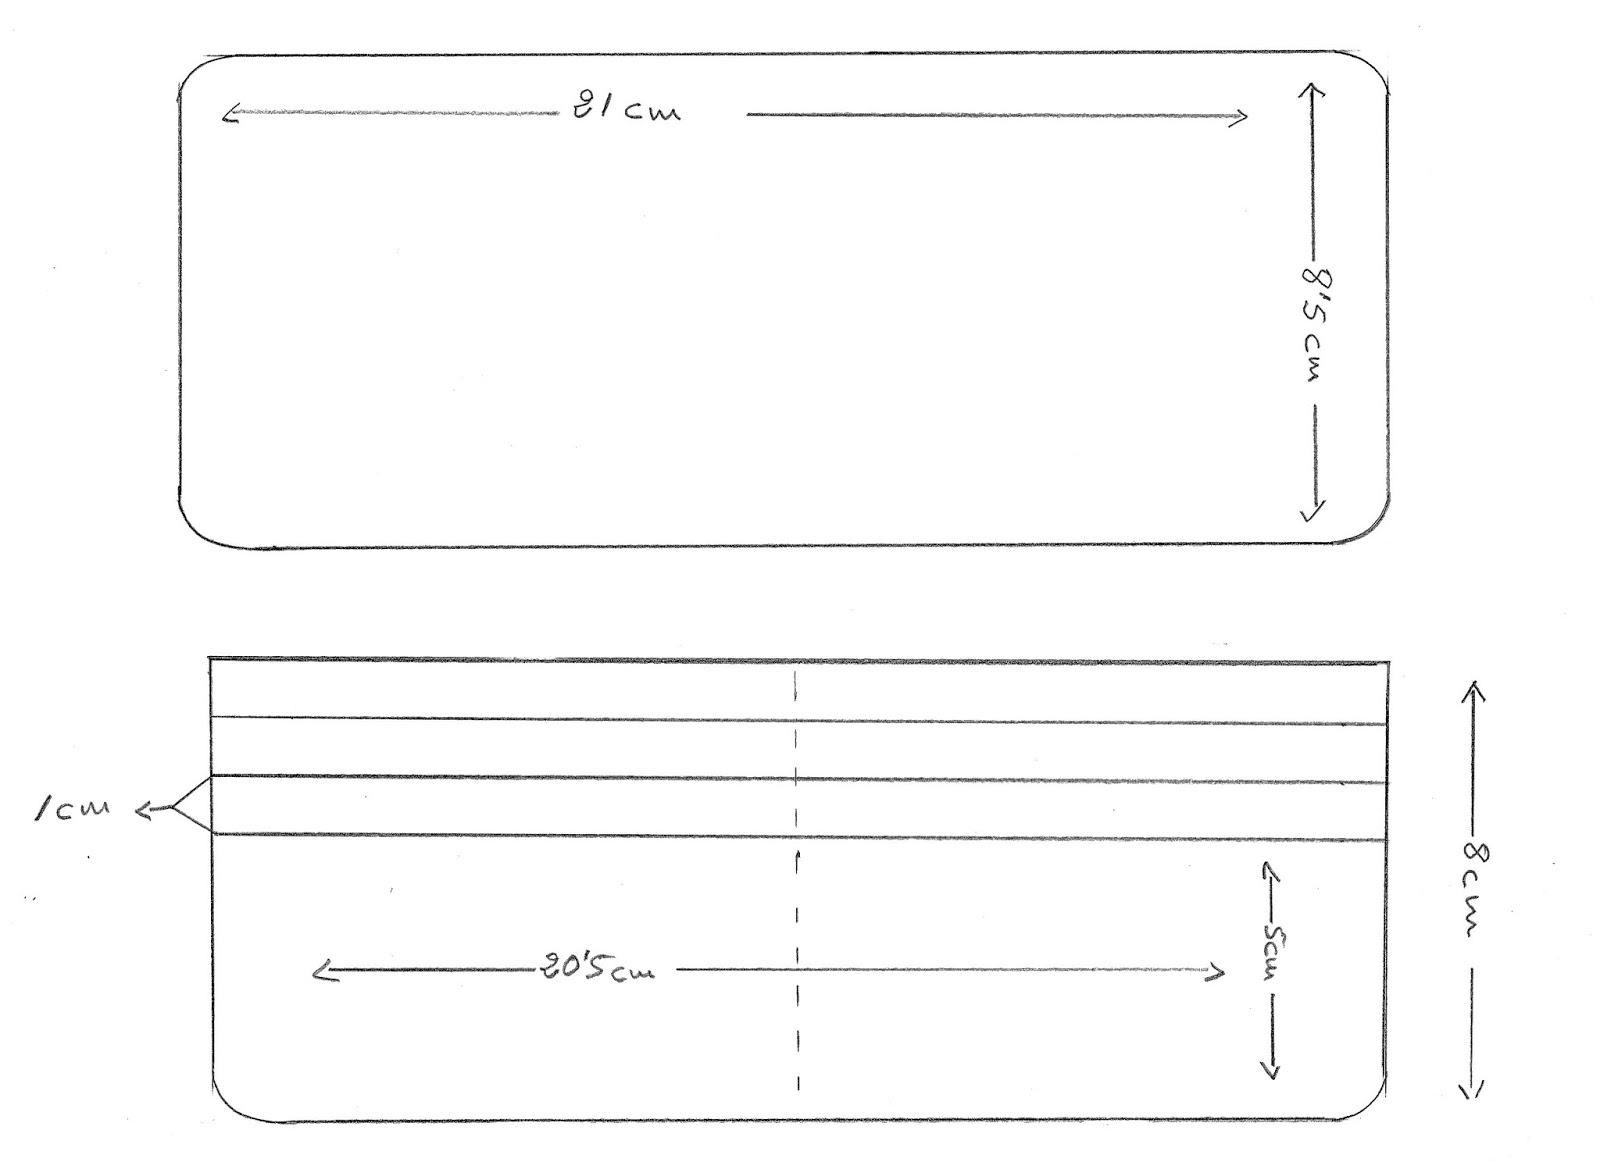 La ventana del cuero: Cómo hacer una cartera billetera de cuero. Patrón.